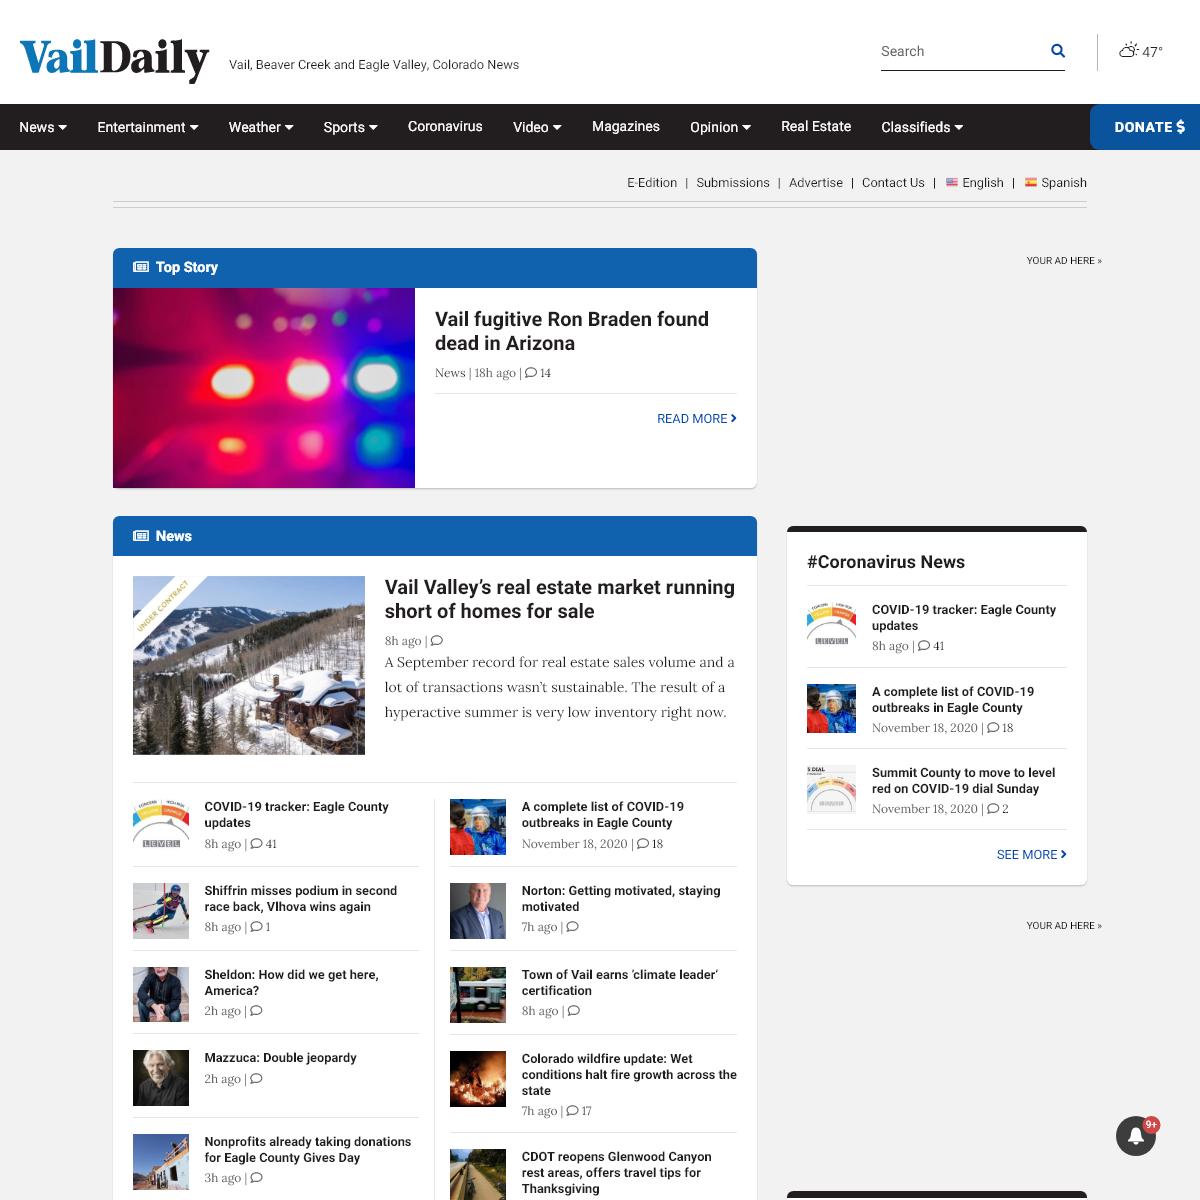 News - VailDaily.com